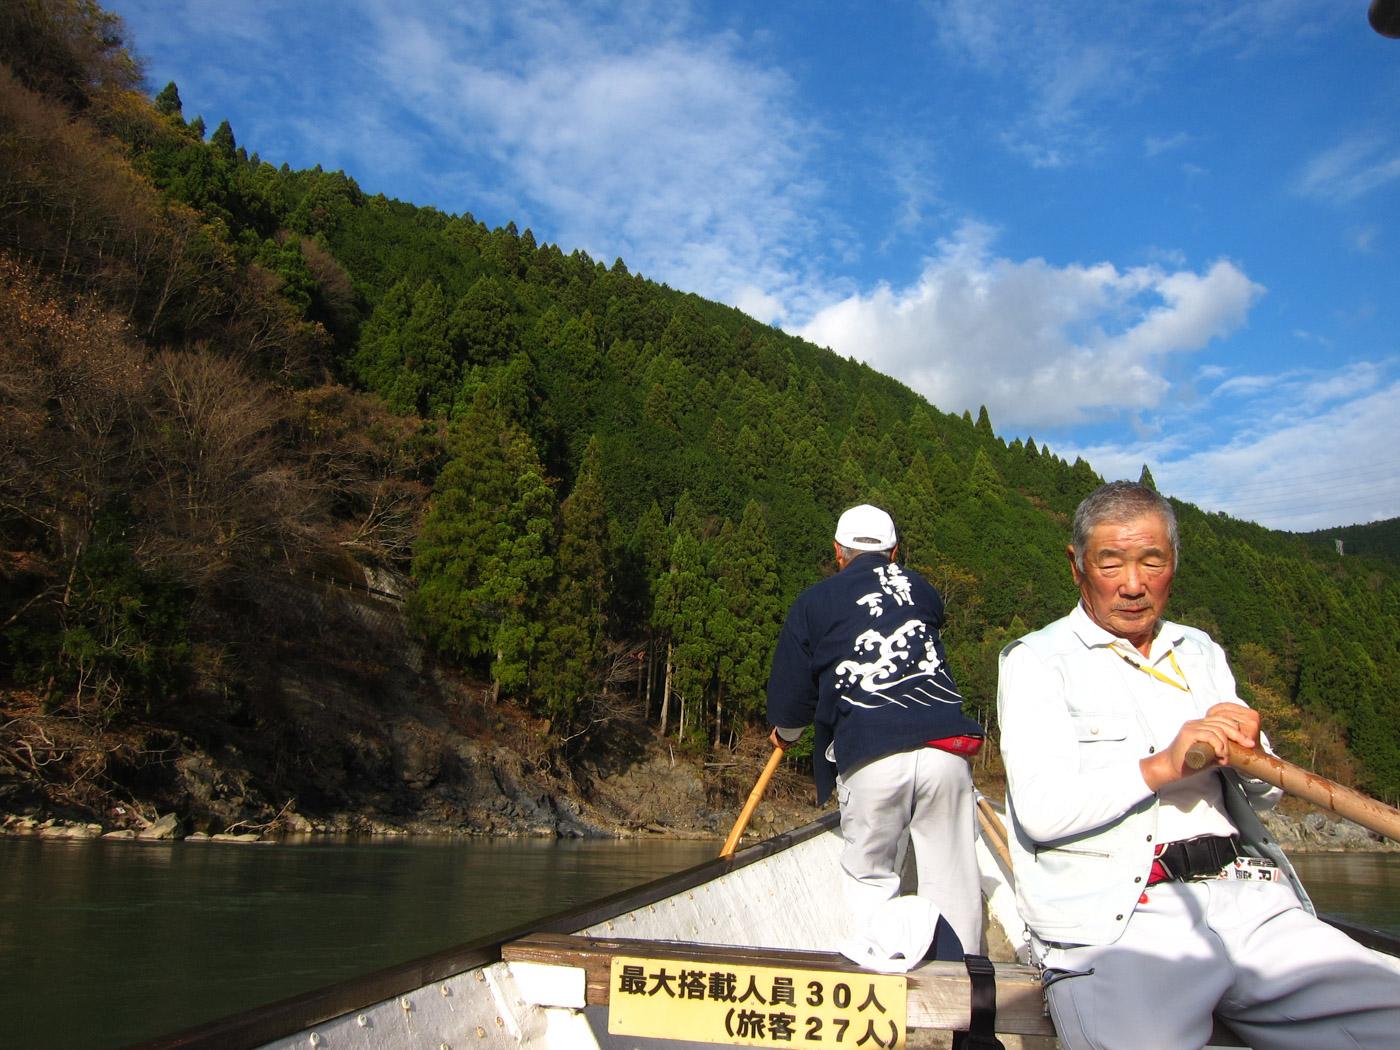 Kyoto - Arashiyama Hozu-gawa River 3